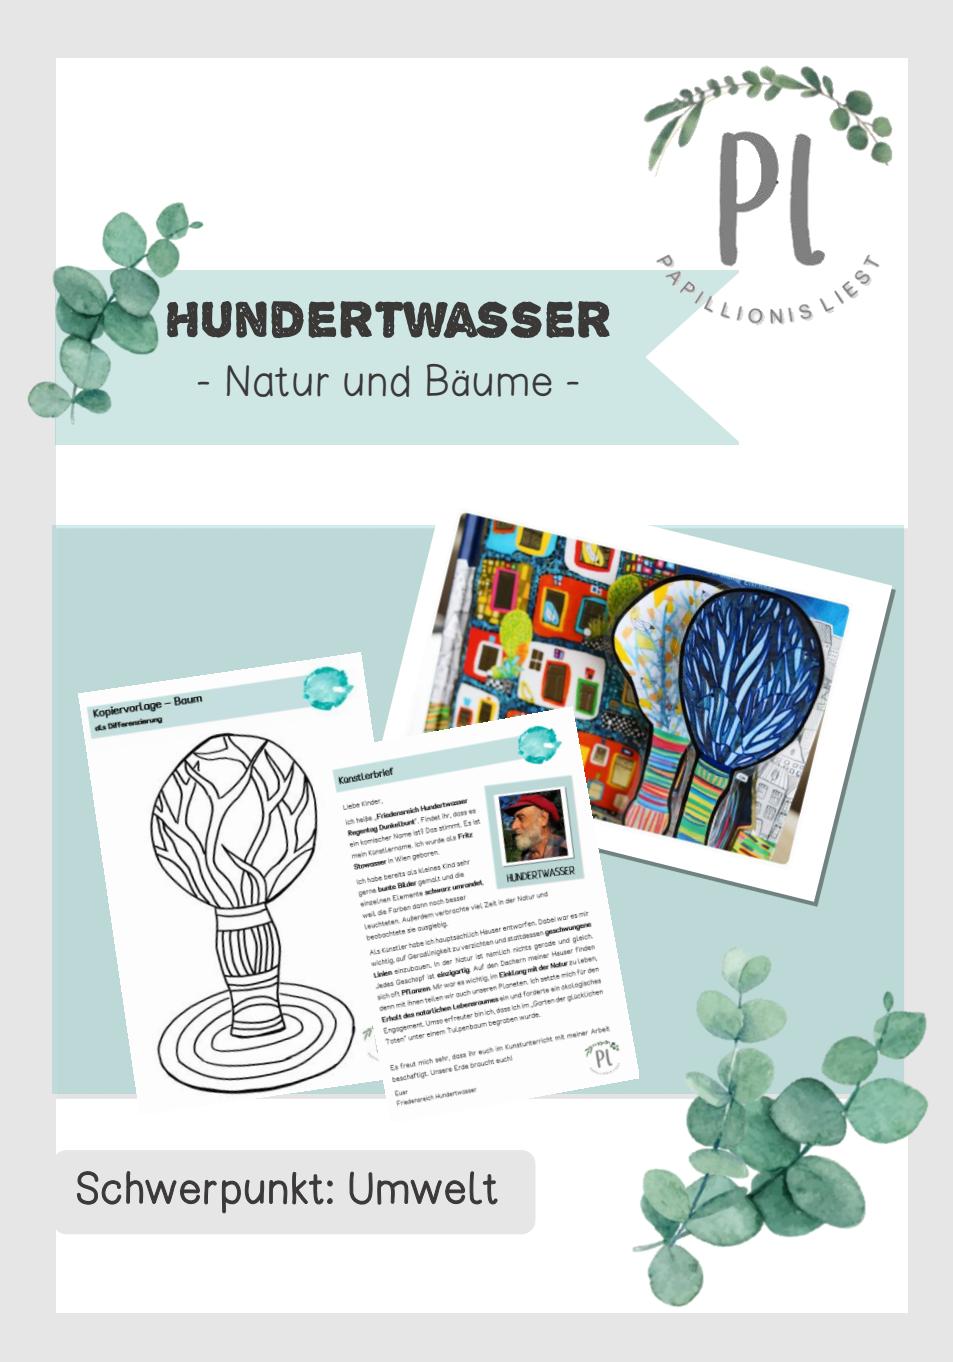 Kunstprojekt Friedensreich Hundertwasser Baume Unterrichtsmaterial Im Fach Kunst Kunstprojekte Kunst Grundschule Kunst Unterrichten